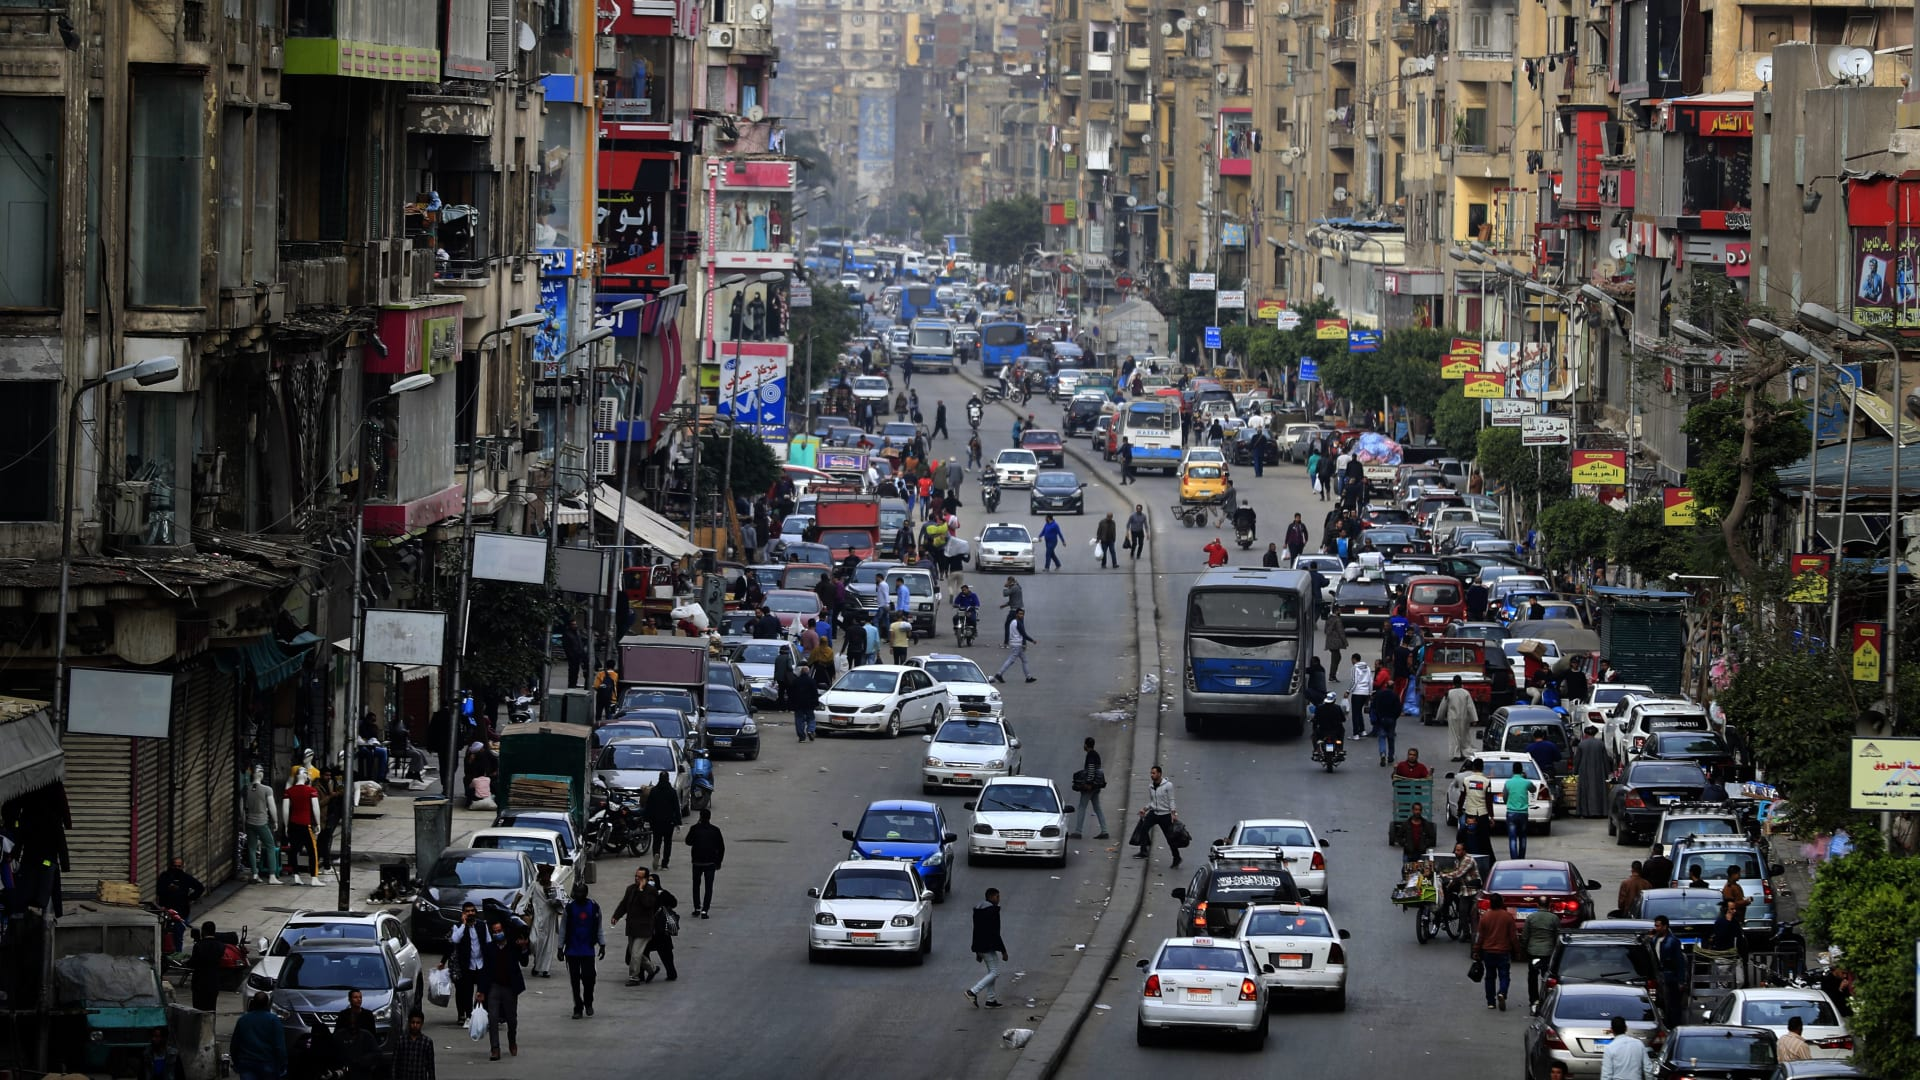 داعيا إلى مواجهة كورونا.. عمرو أديب: مفيش رجالة بيبوسوا بعض غير هنا